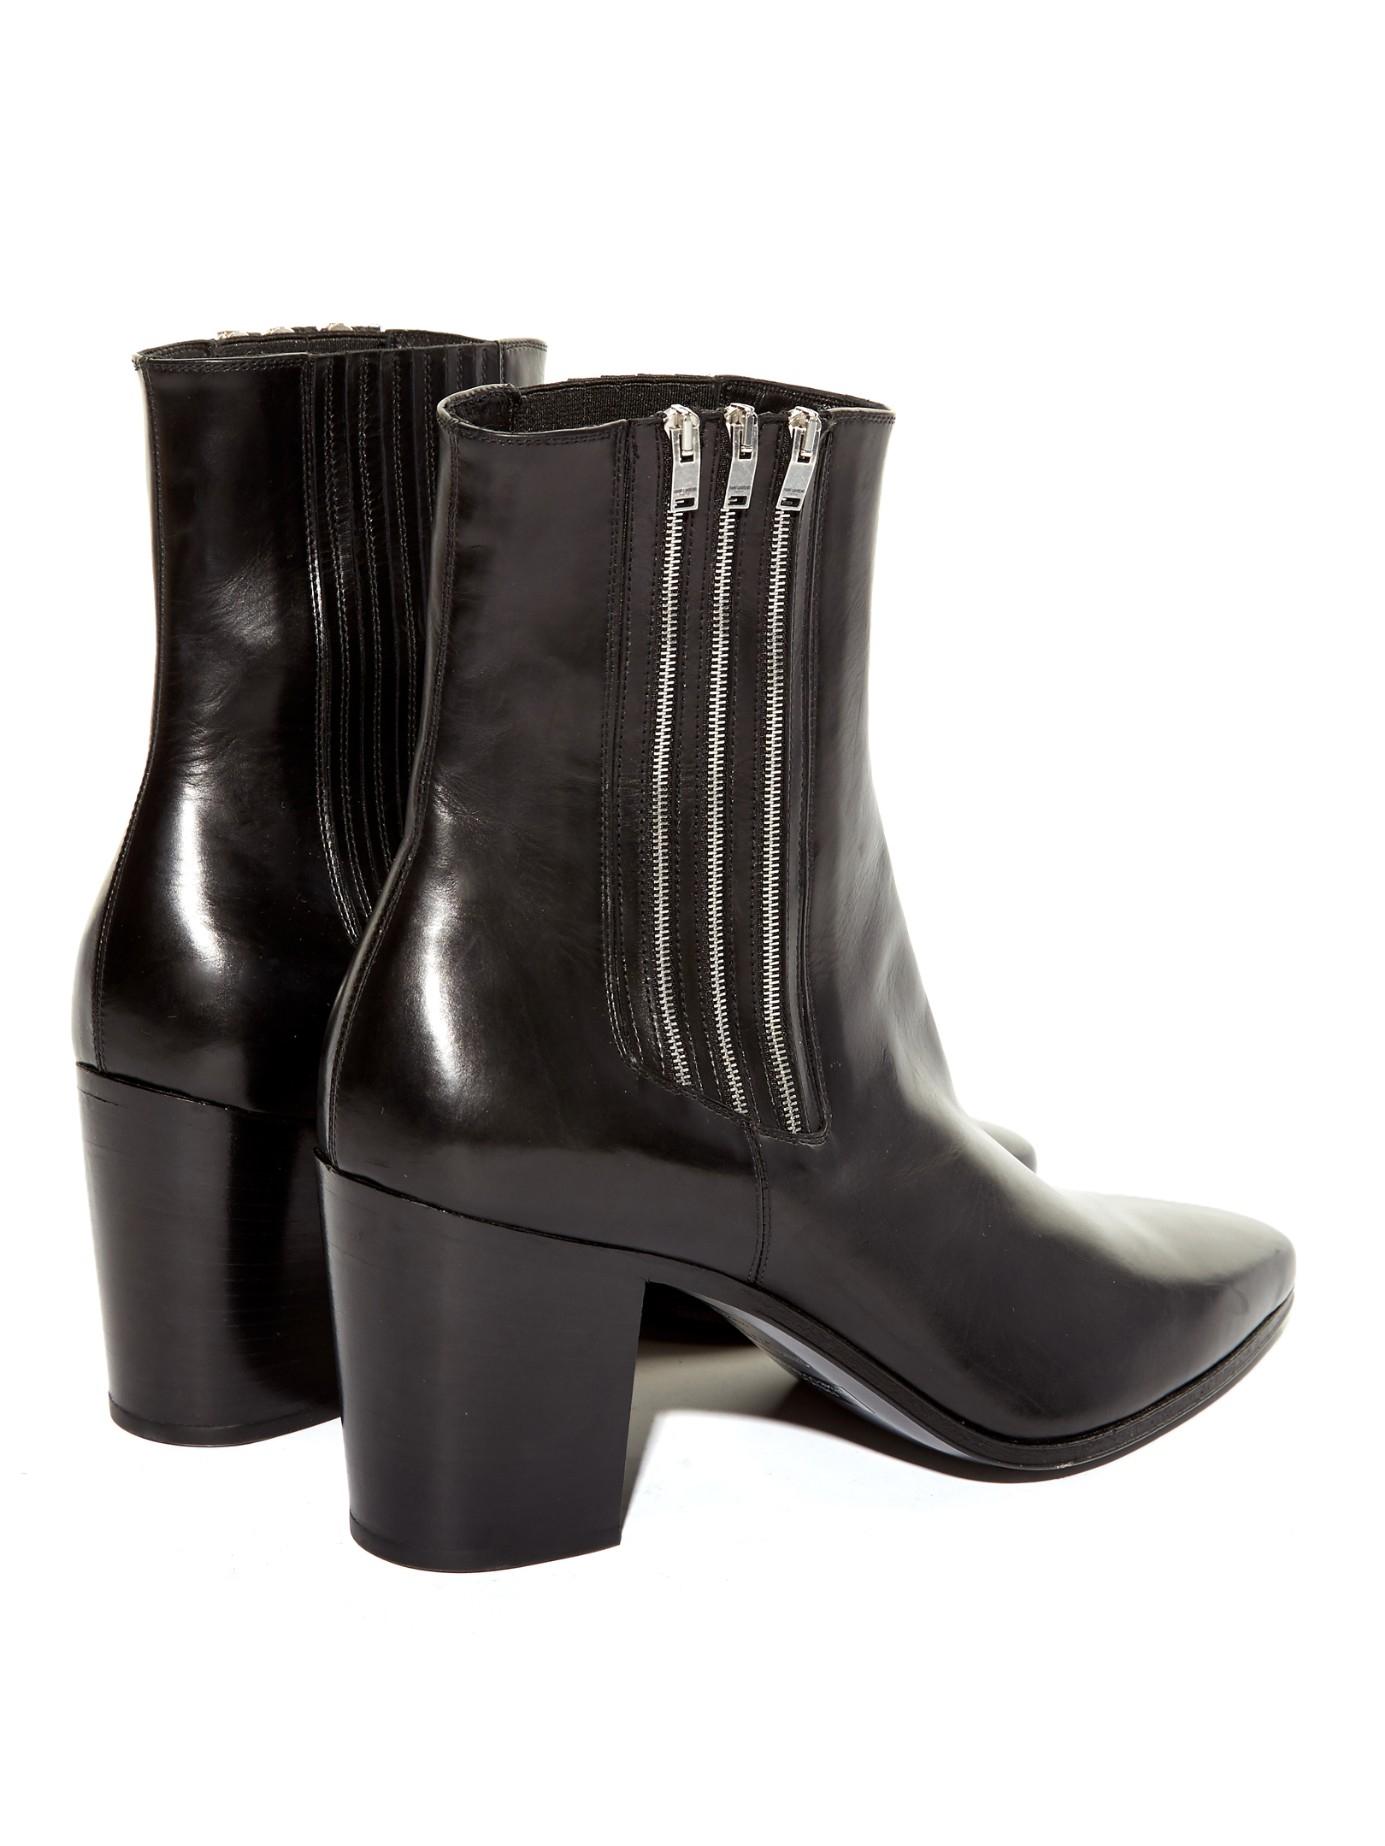 Saint Laurent Zipped ankle boots EJ6hW0Ejo3